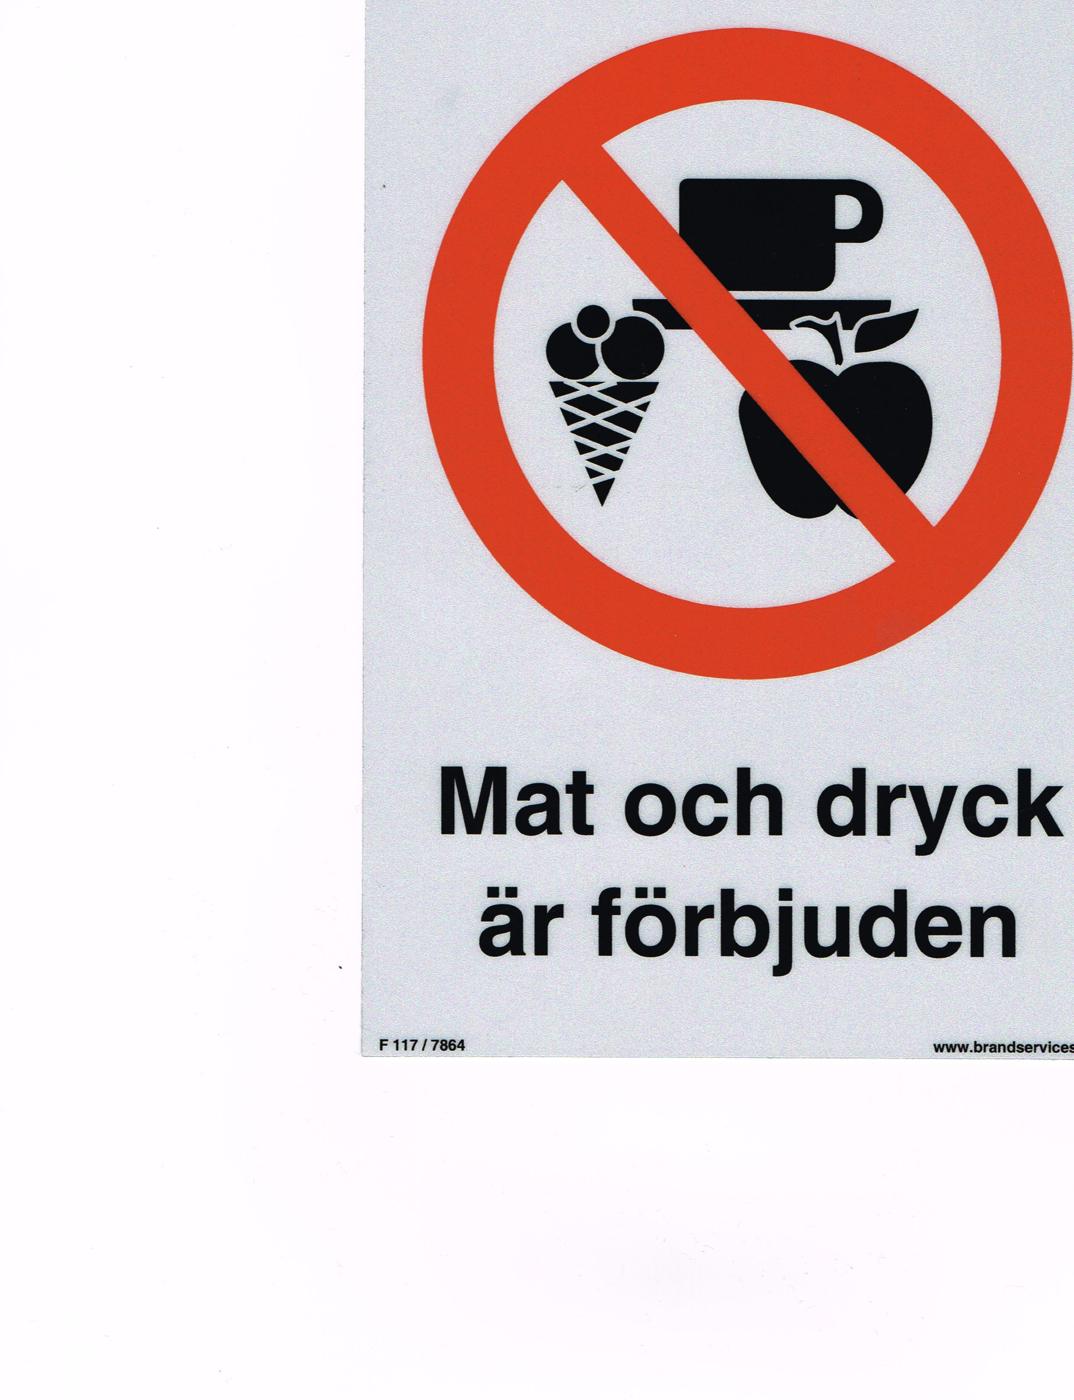 Mat och dryck är förbjuden20161112